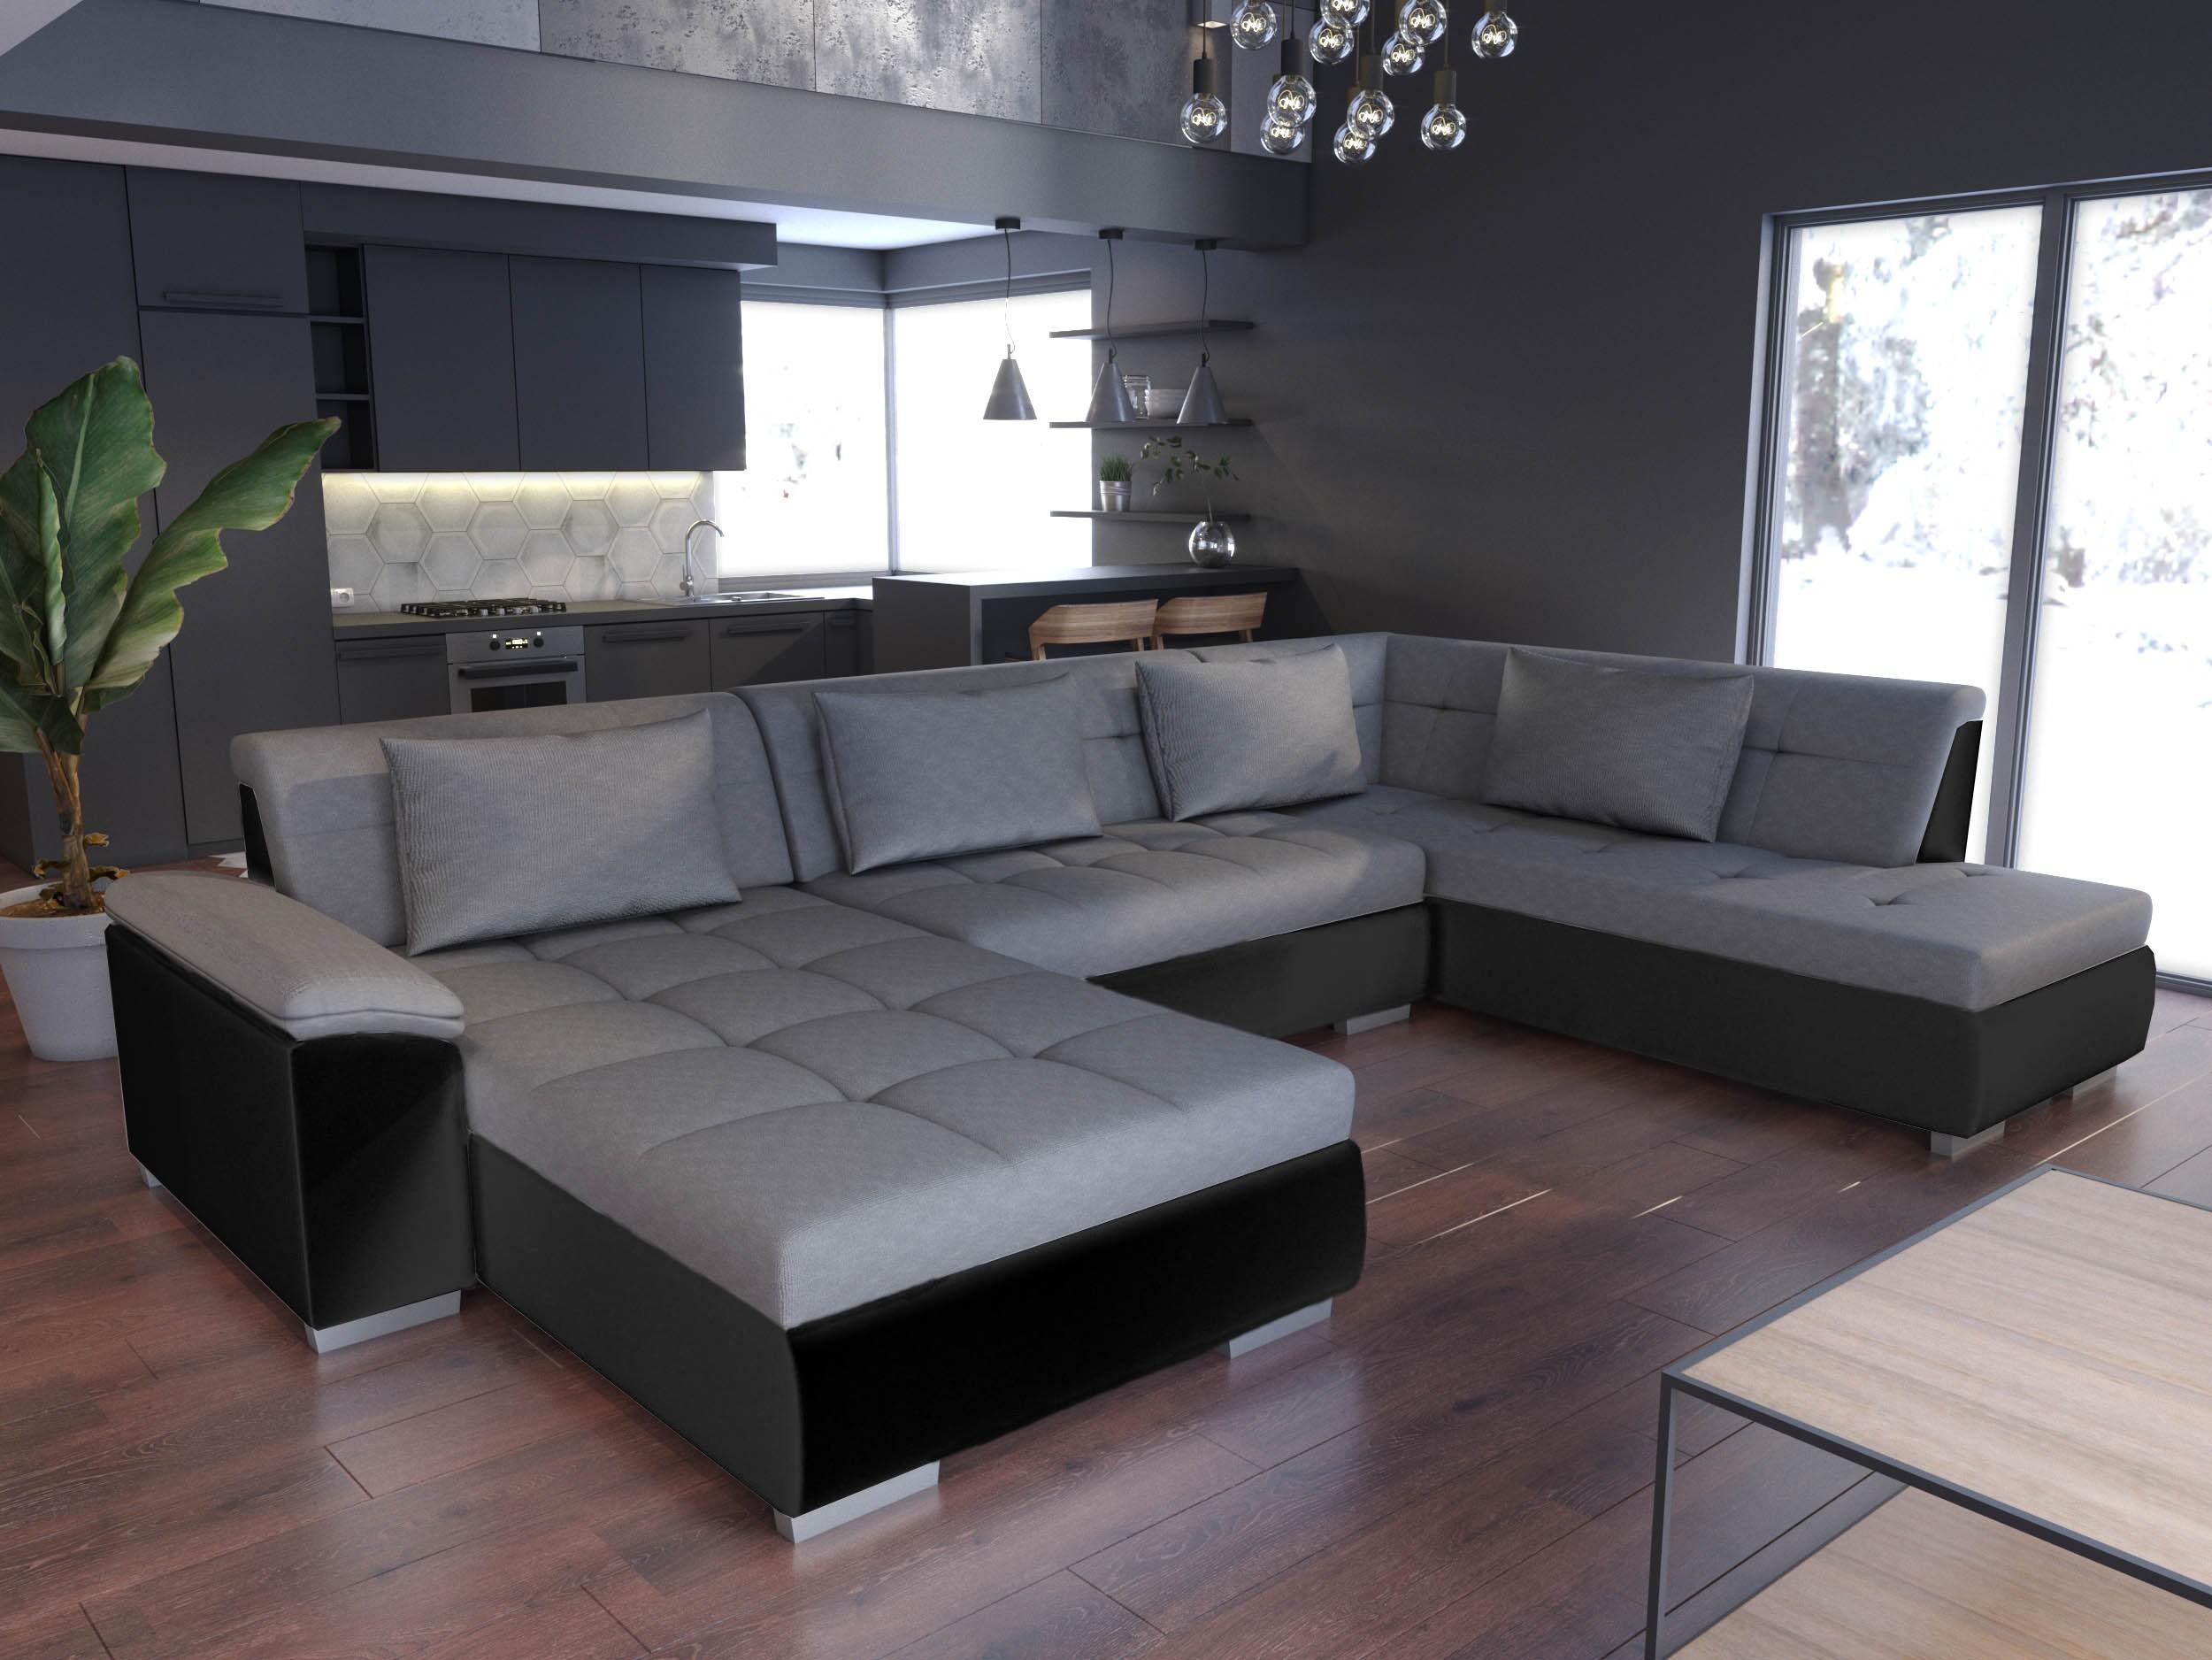 Choisir Un Canapé Densité canapé panoramique convertible lemon. un grand canapé design